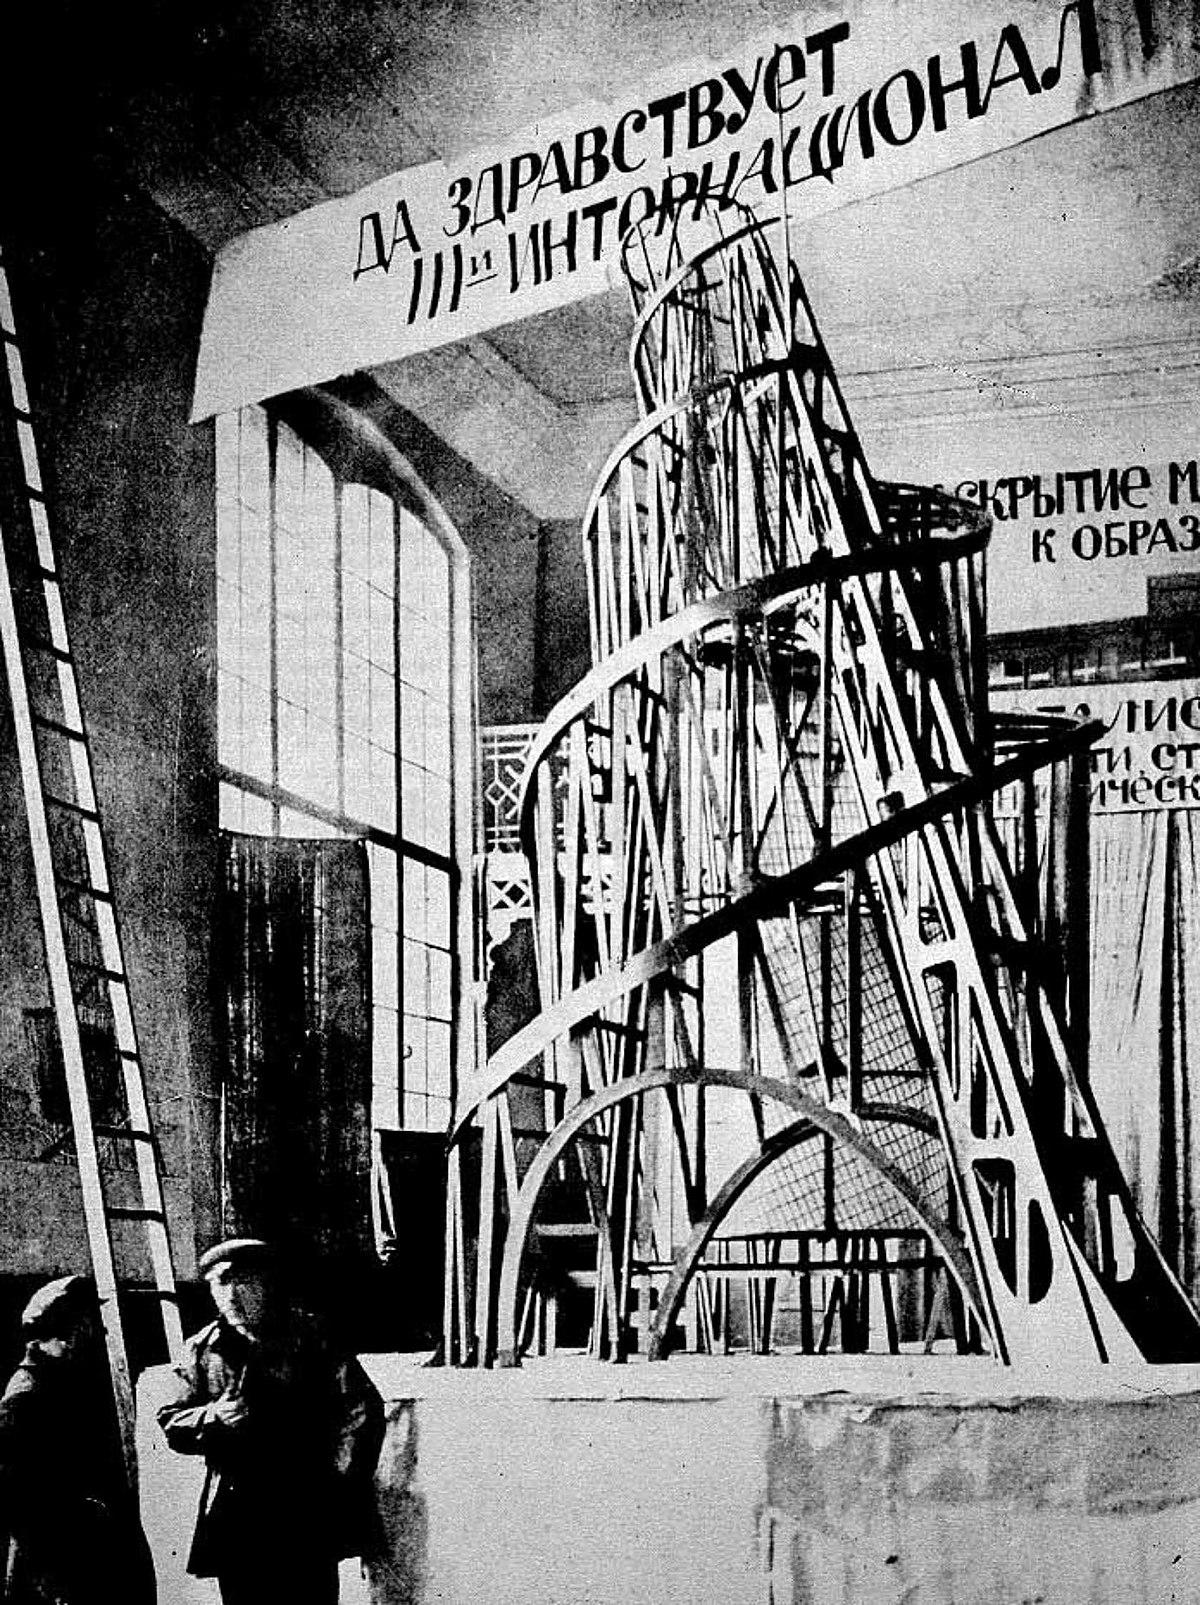 Turnul lui Tatlin - Constructivism